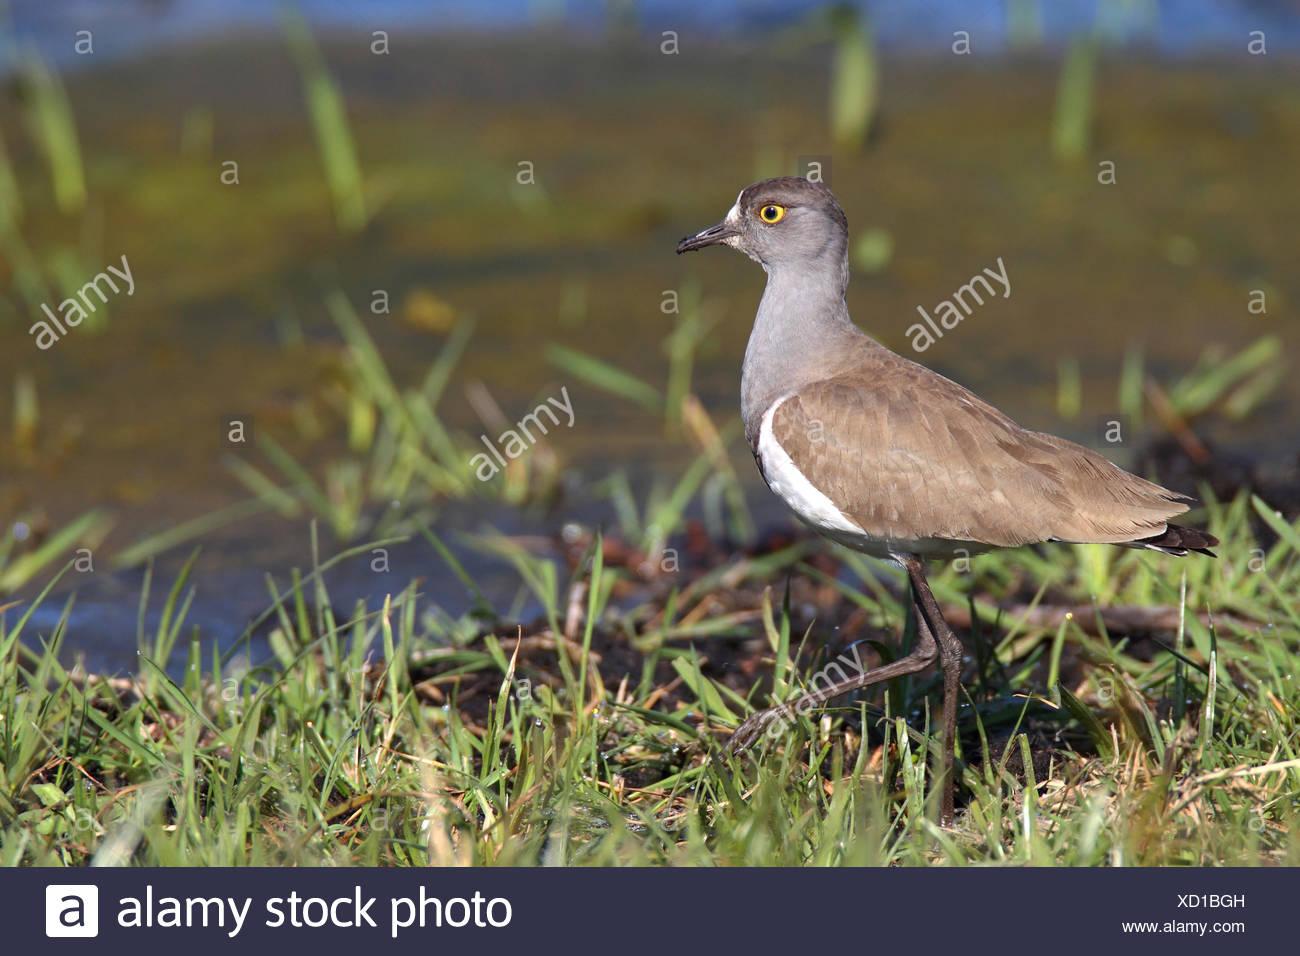 Senegal patinegro (Vanellus lugubris), se encuentra en aguas poco profundas, Sudáfrica iSimangaliso Wetland Park Imagen De Stock